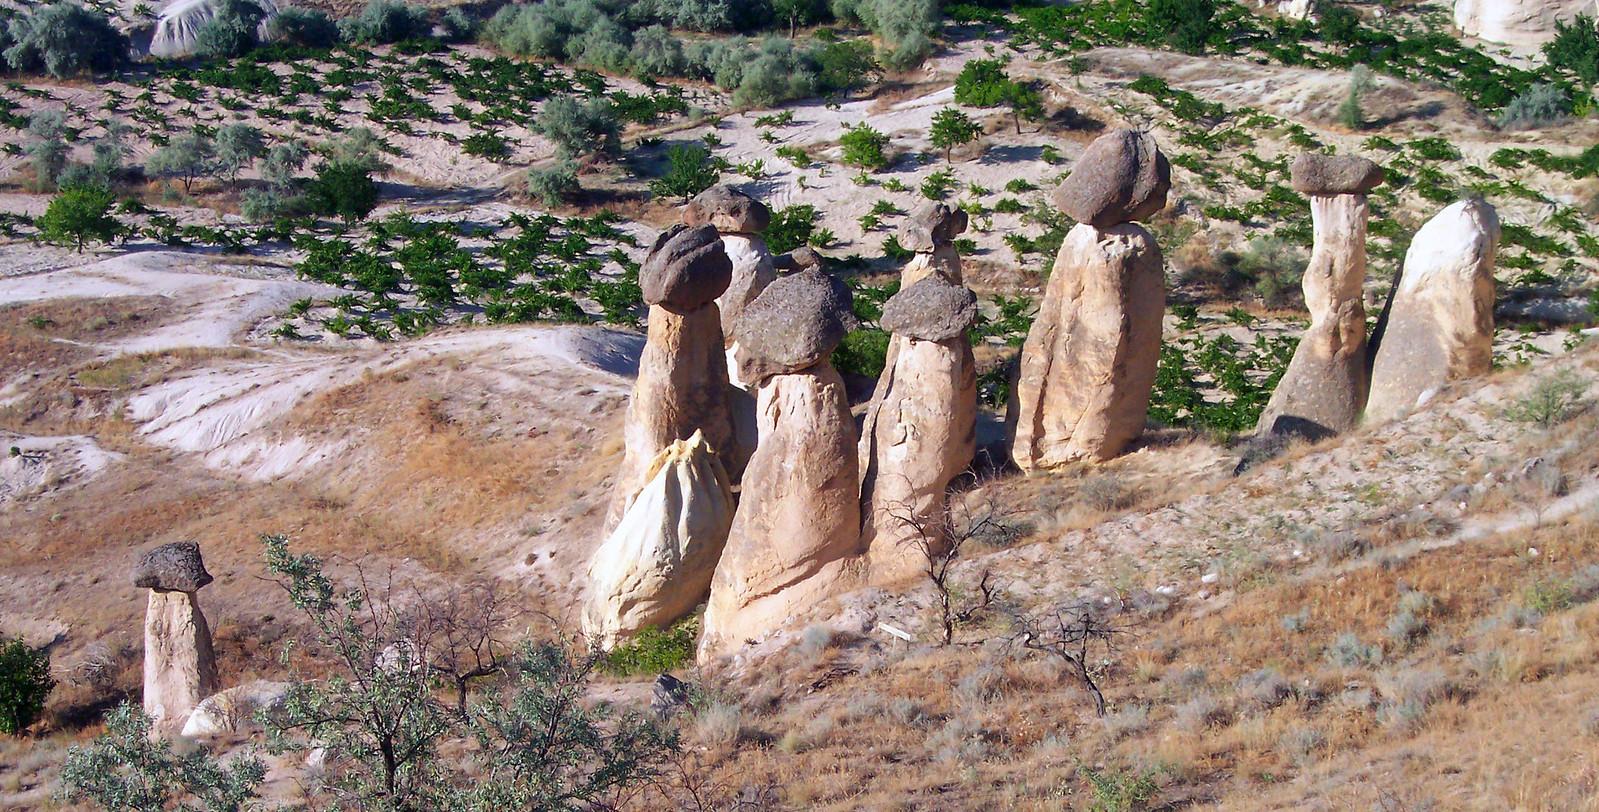 ¿ es seguro viajar a Turquía ? es seguro viajar a turquía - 45046959925 ee1a2fa6b3 h - ¿ Es seguro viajar a Turquía ?